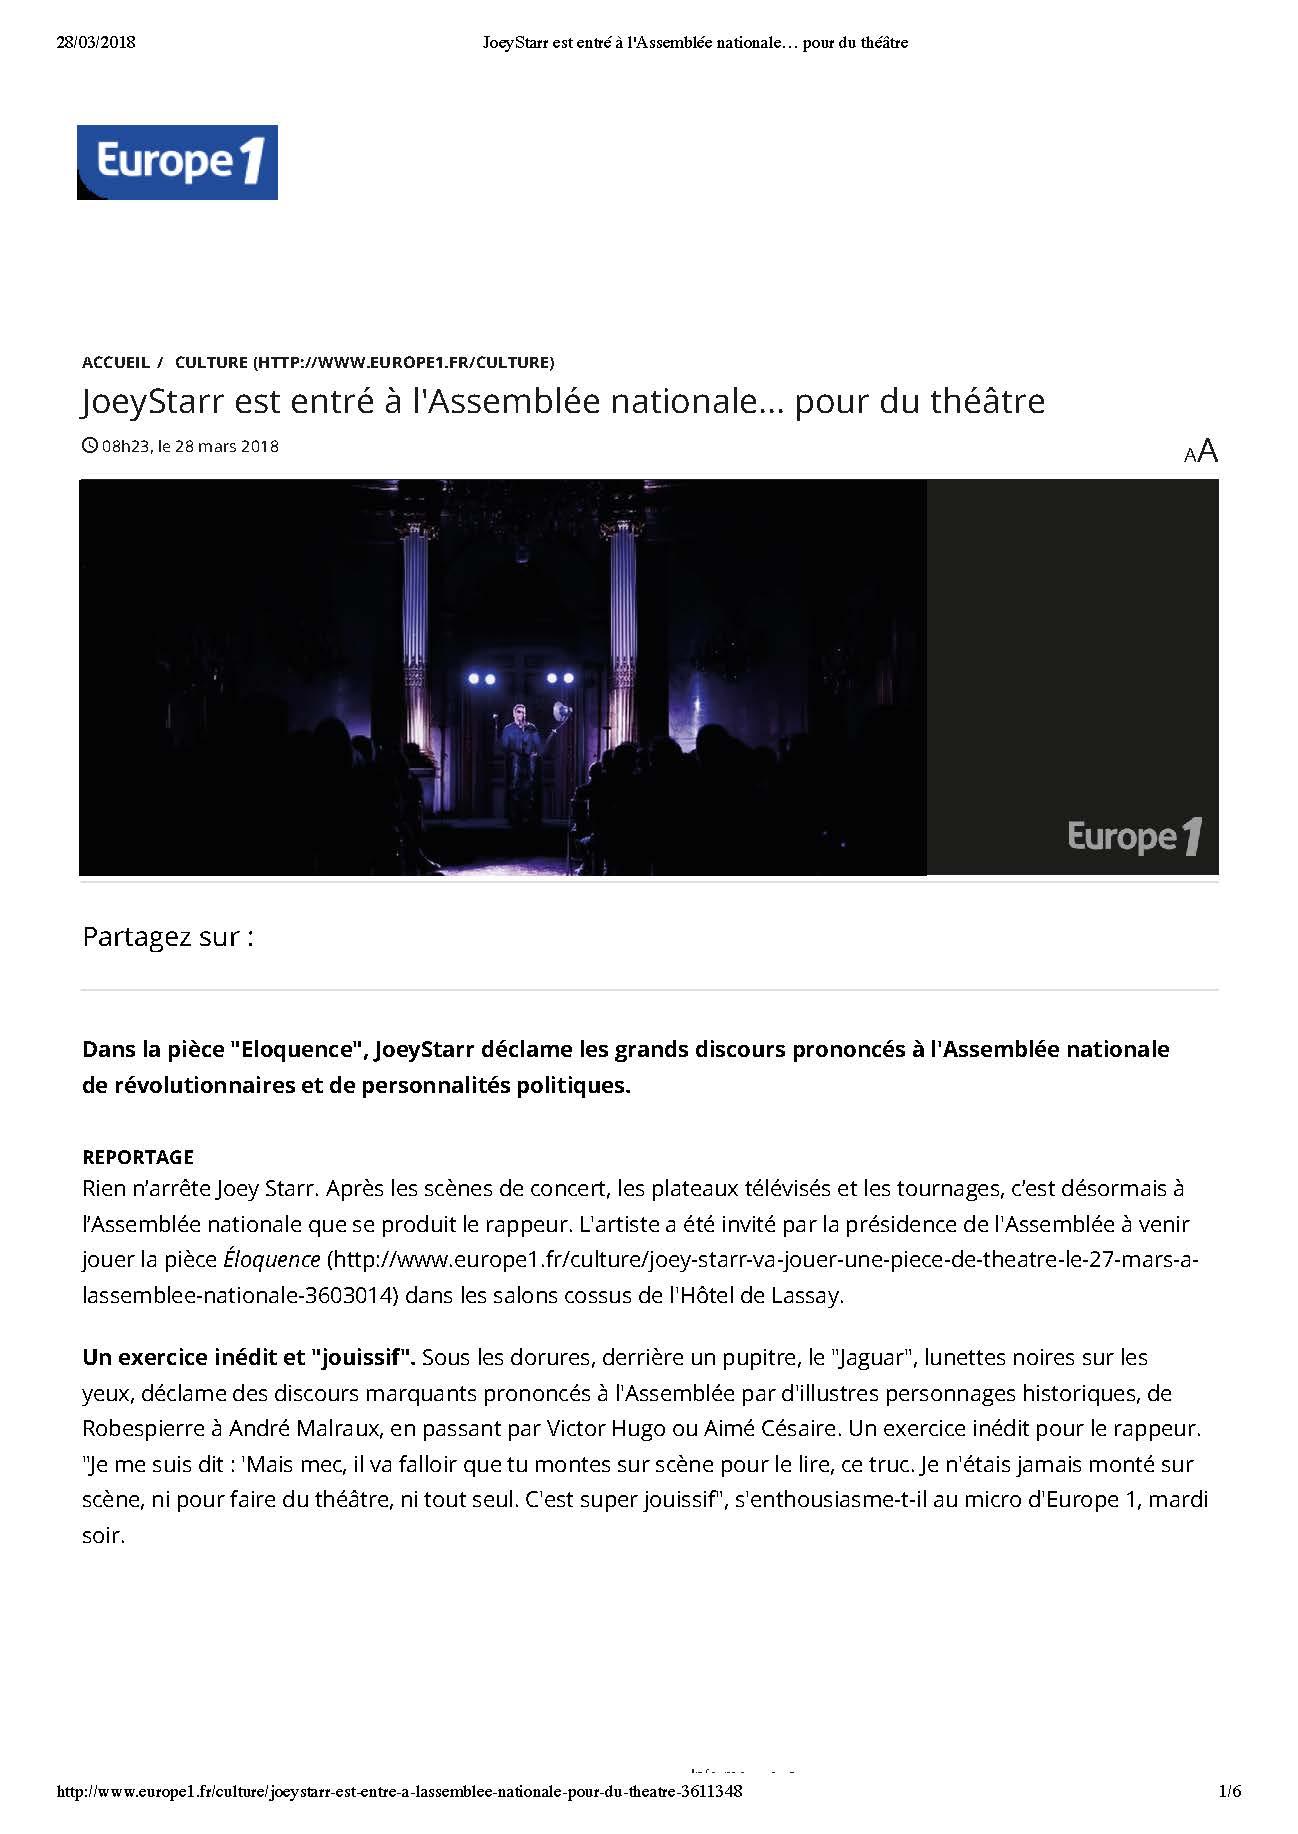 Europe_1_280318JoeyStarr_est_entré_à_l'Assemblée_nationale…_pour_du_théâtre